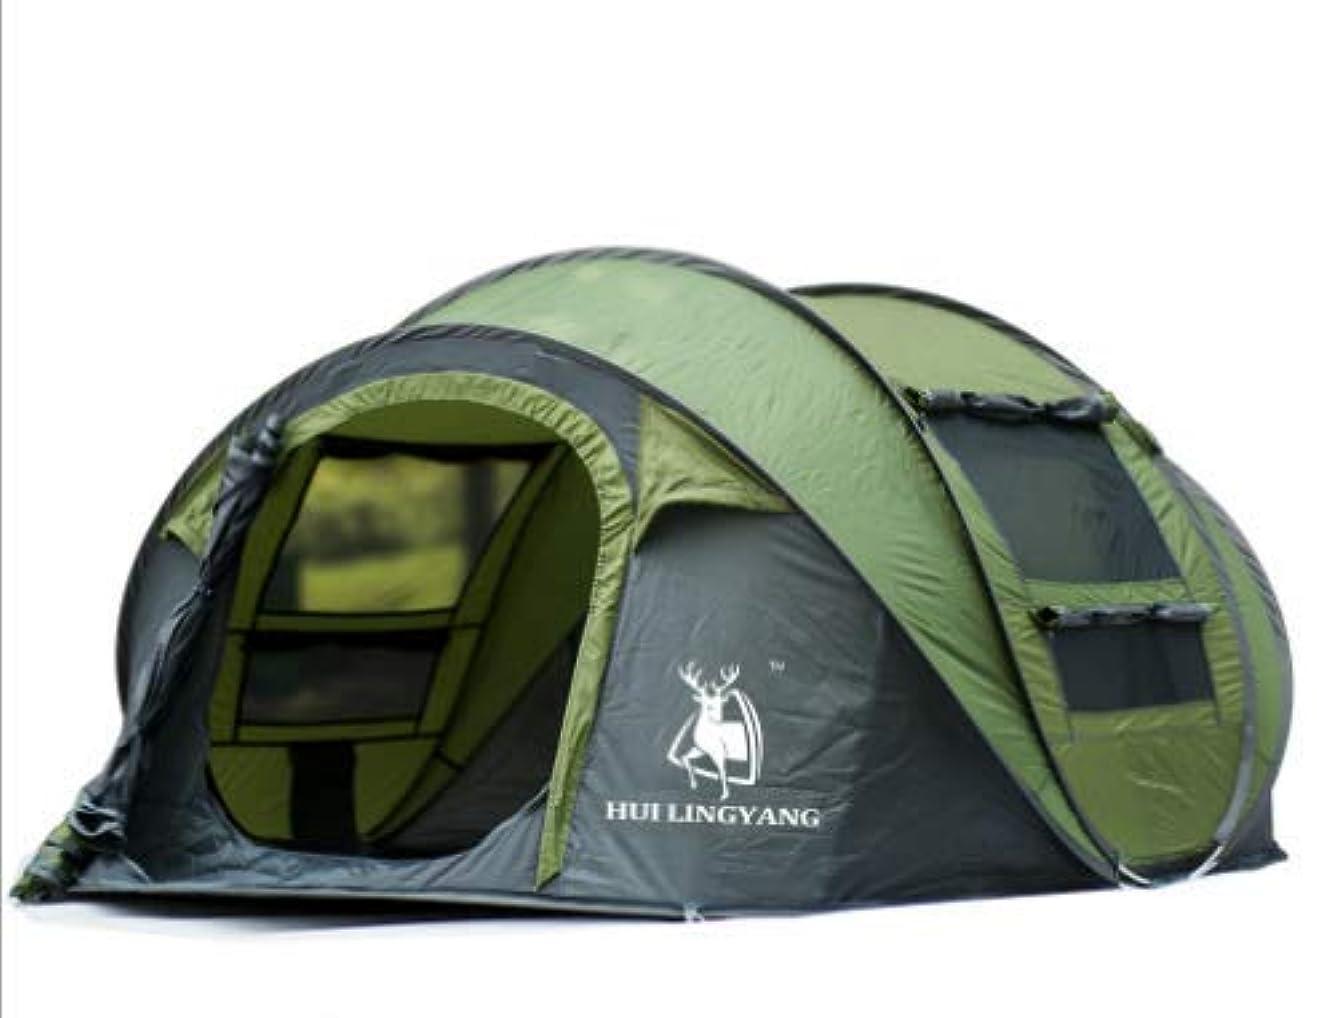 明示的に橋なくなるFeelyer 3-4人屋外自動キャンプキャンプテント速いキャンプ簡単にインストールする日除けテント 顧客に愛されて (Color : グリーン)